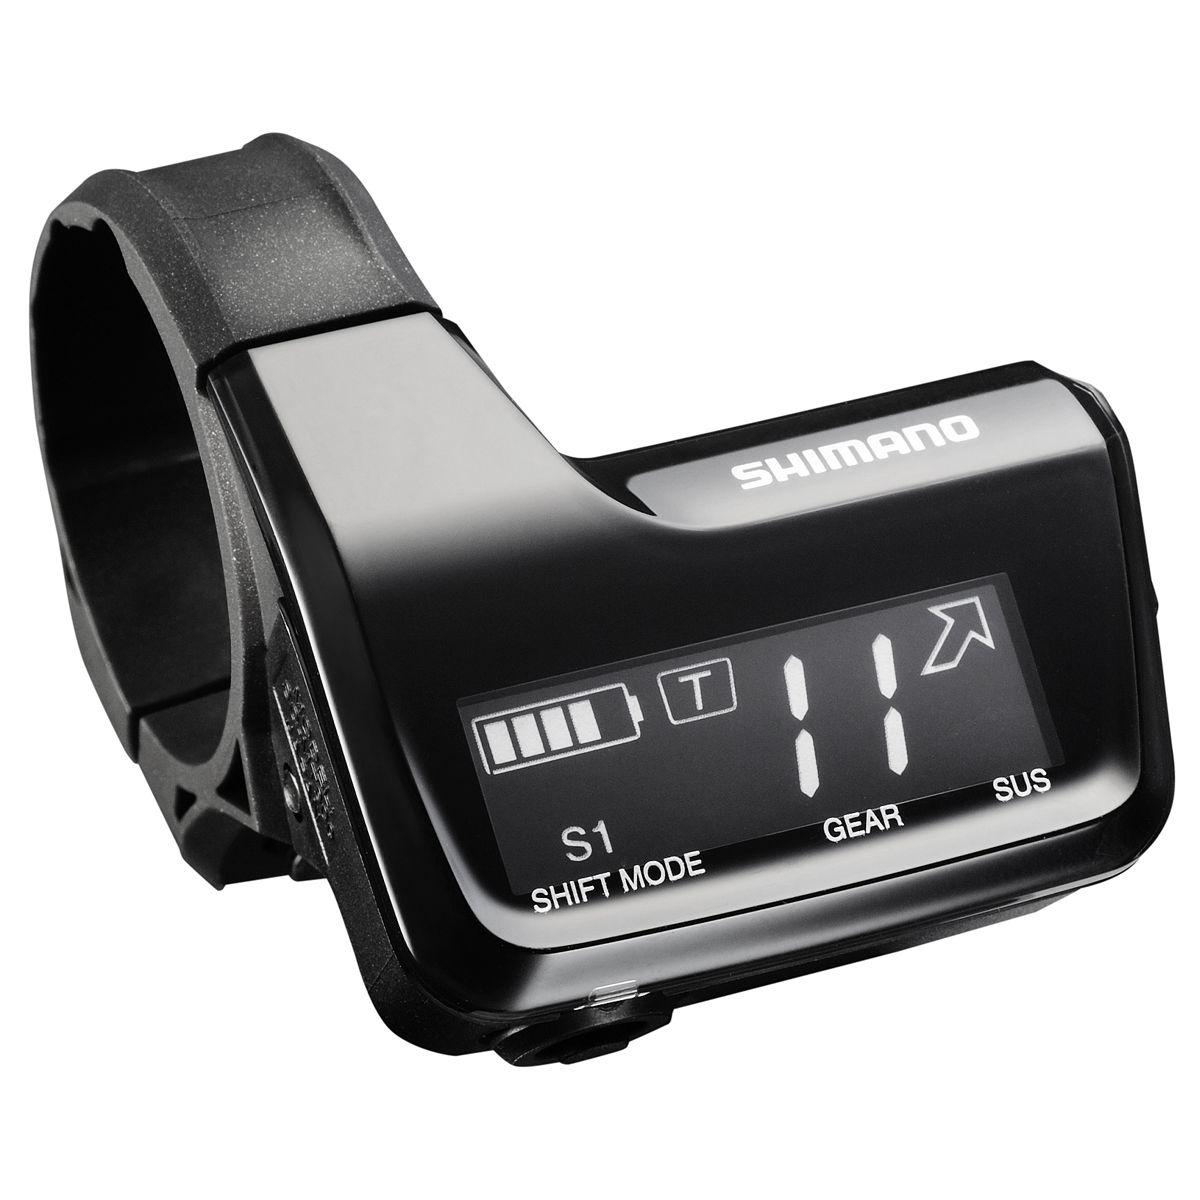 SHIMANO Ecran Control Xt SC-MT800 Deore XT